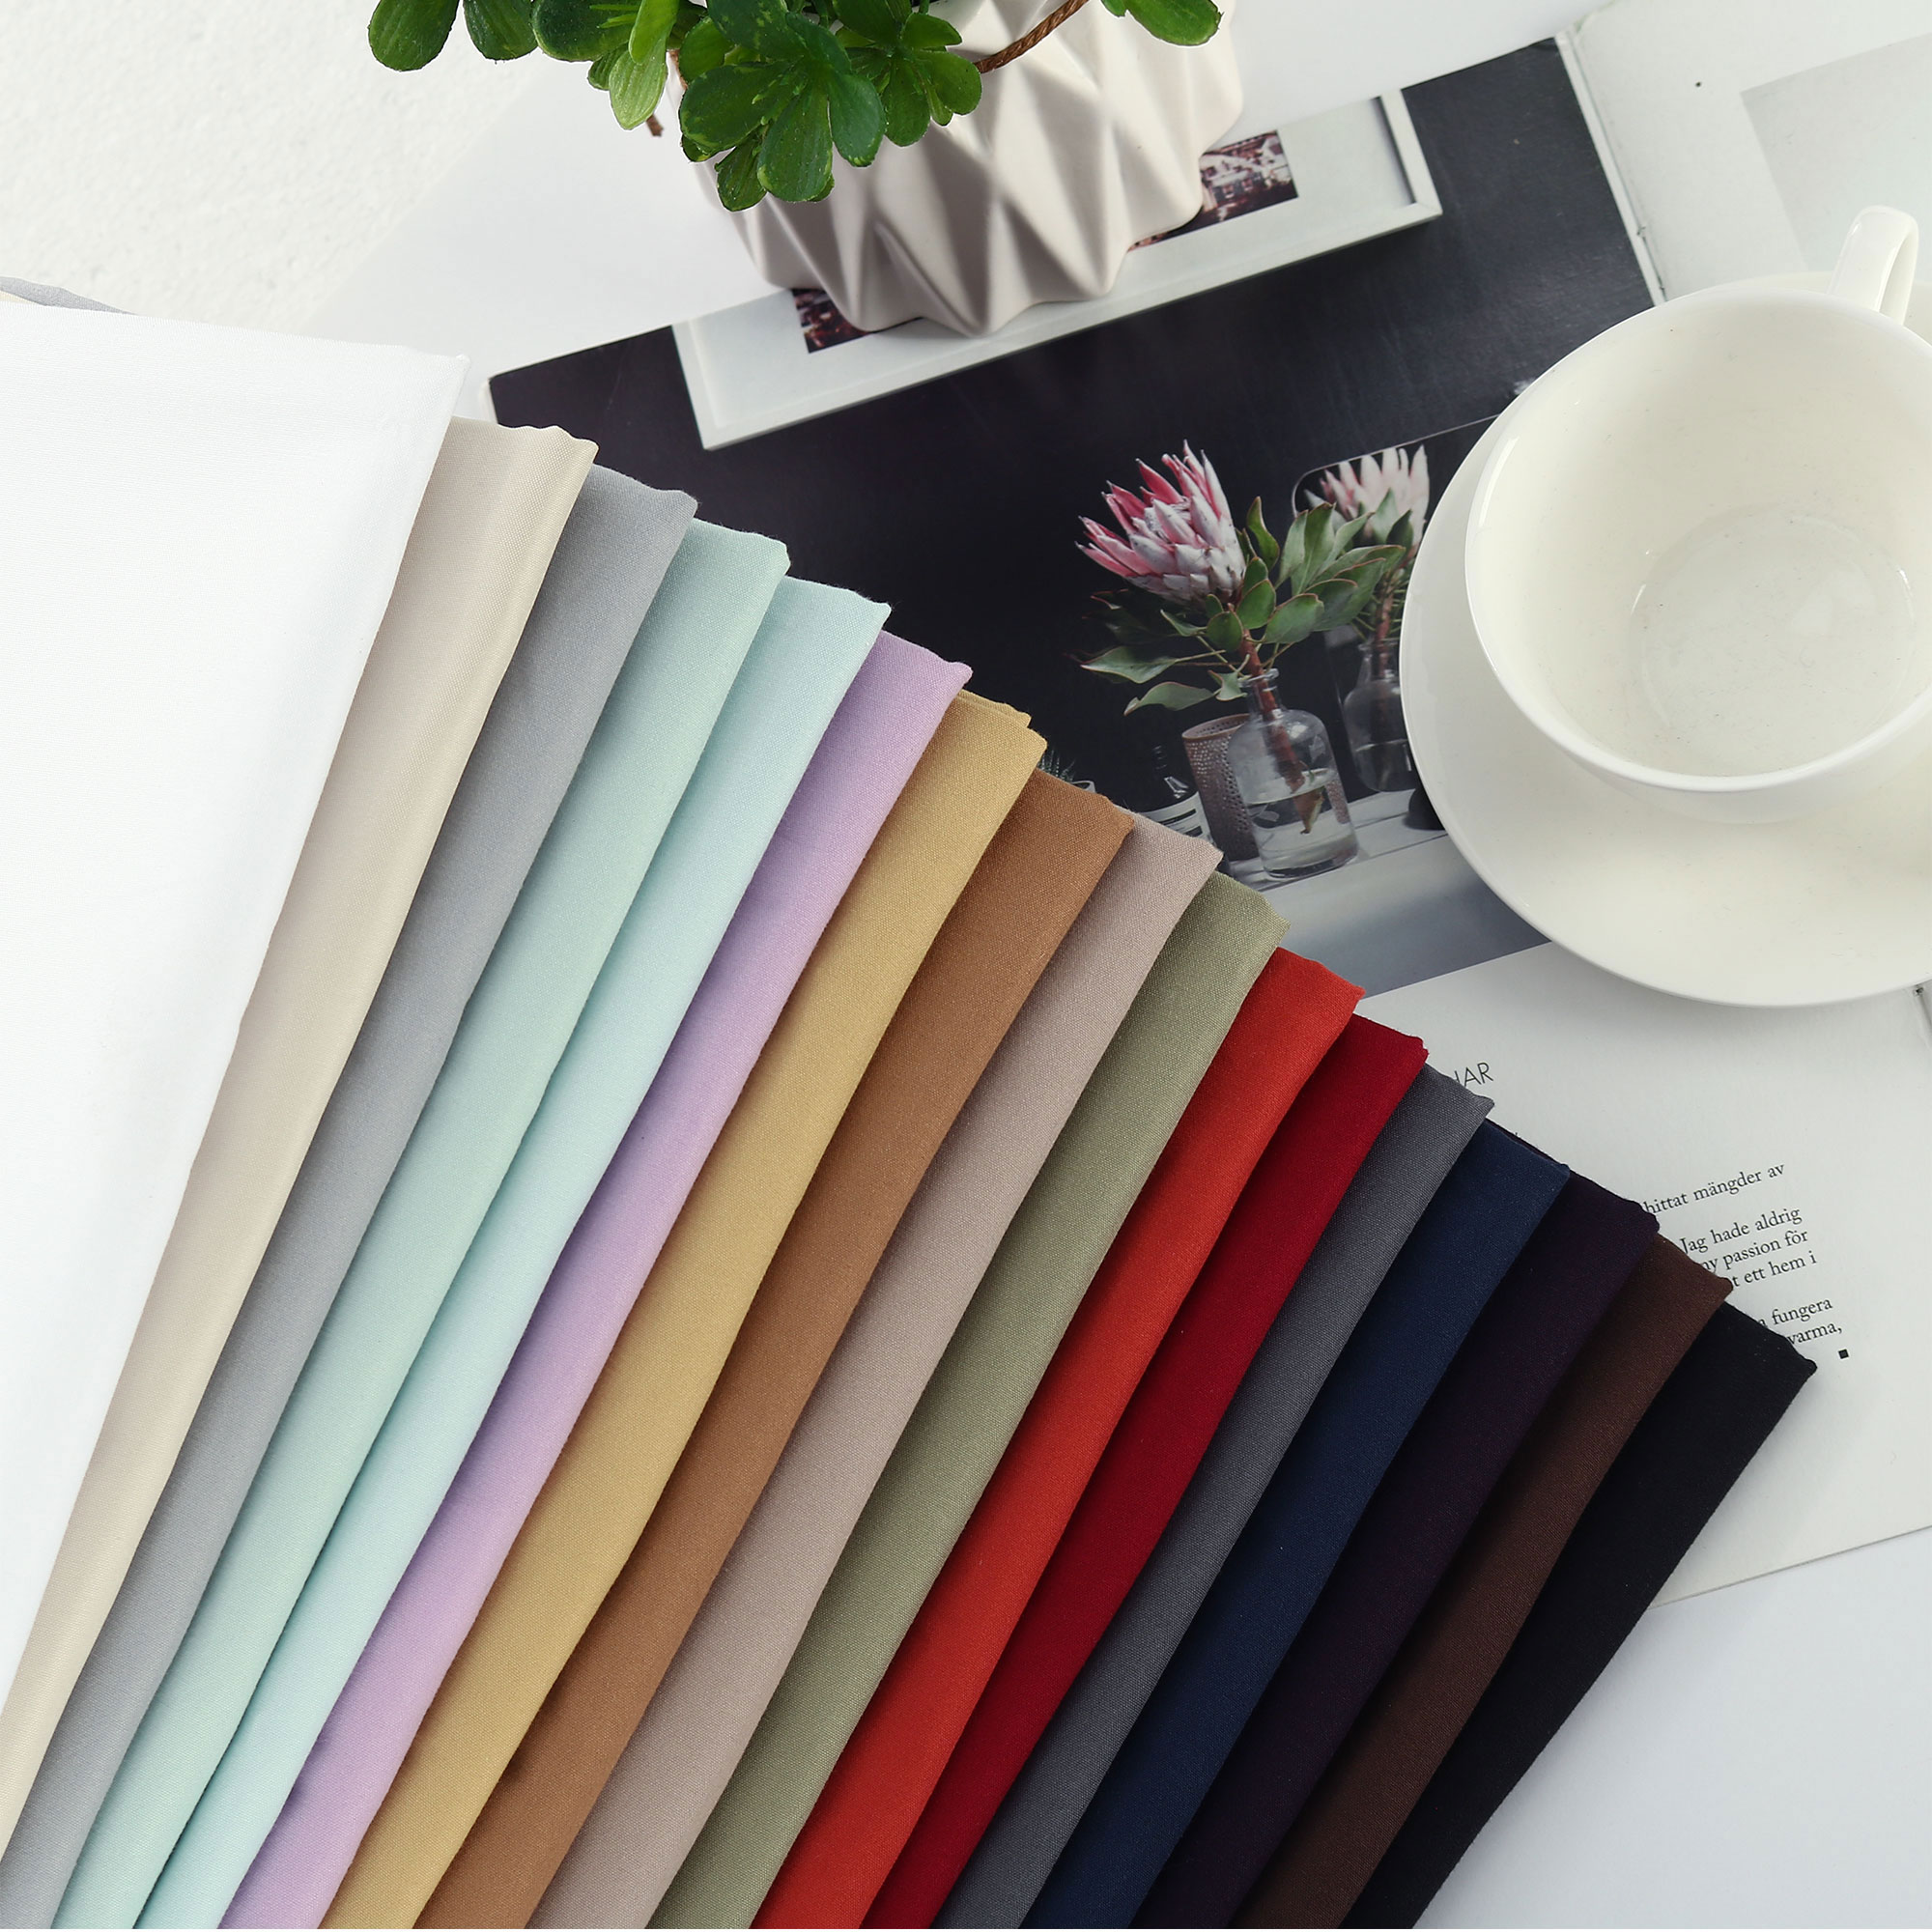 """Body Pillow Case Microfiber Long Bedding Covers for Body Pillows Black 20""""x60"""" - image 2 de 7"""